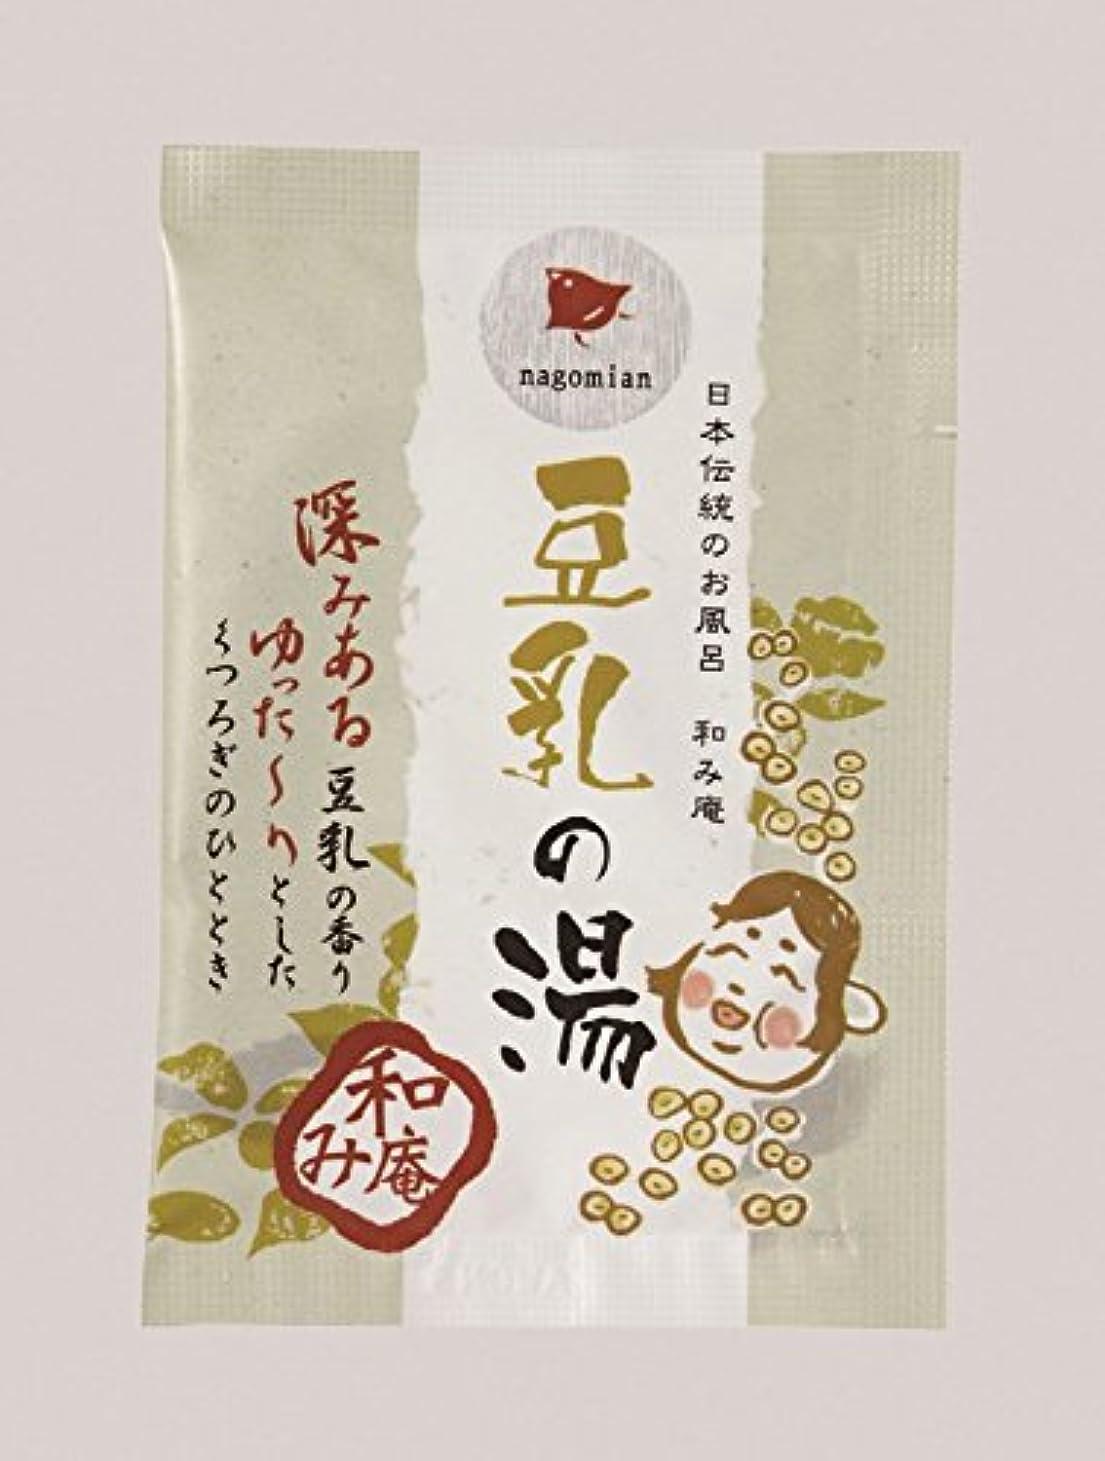 チョップ近代化東ティモール入浴剤 和み庵(豆乳の湯)25g ケース 200個入り